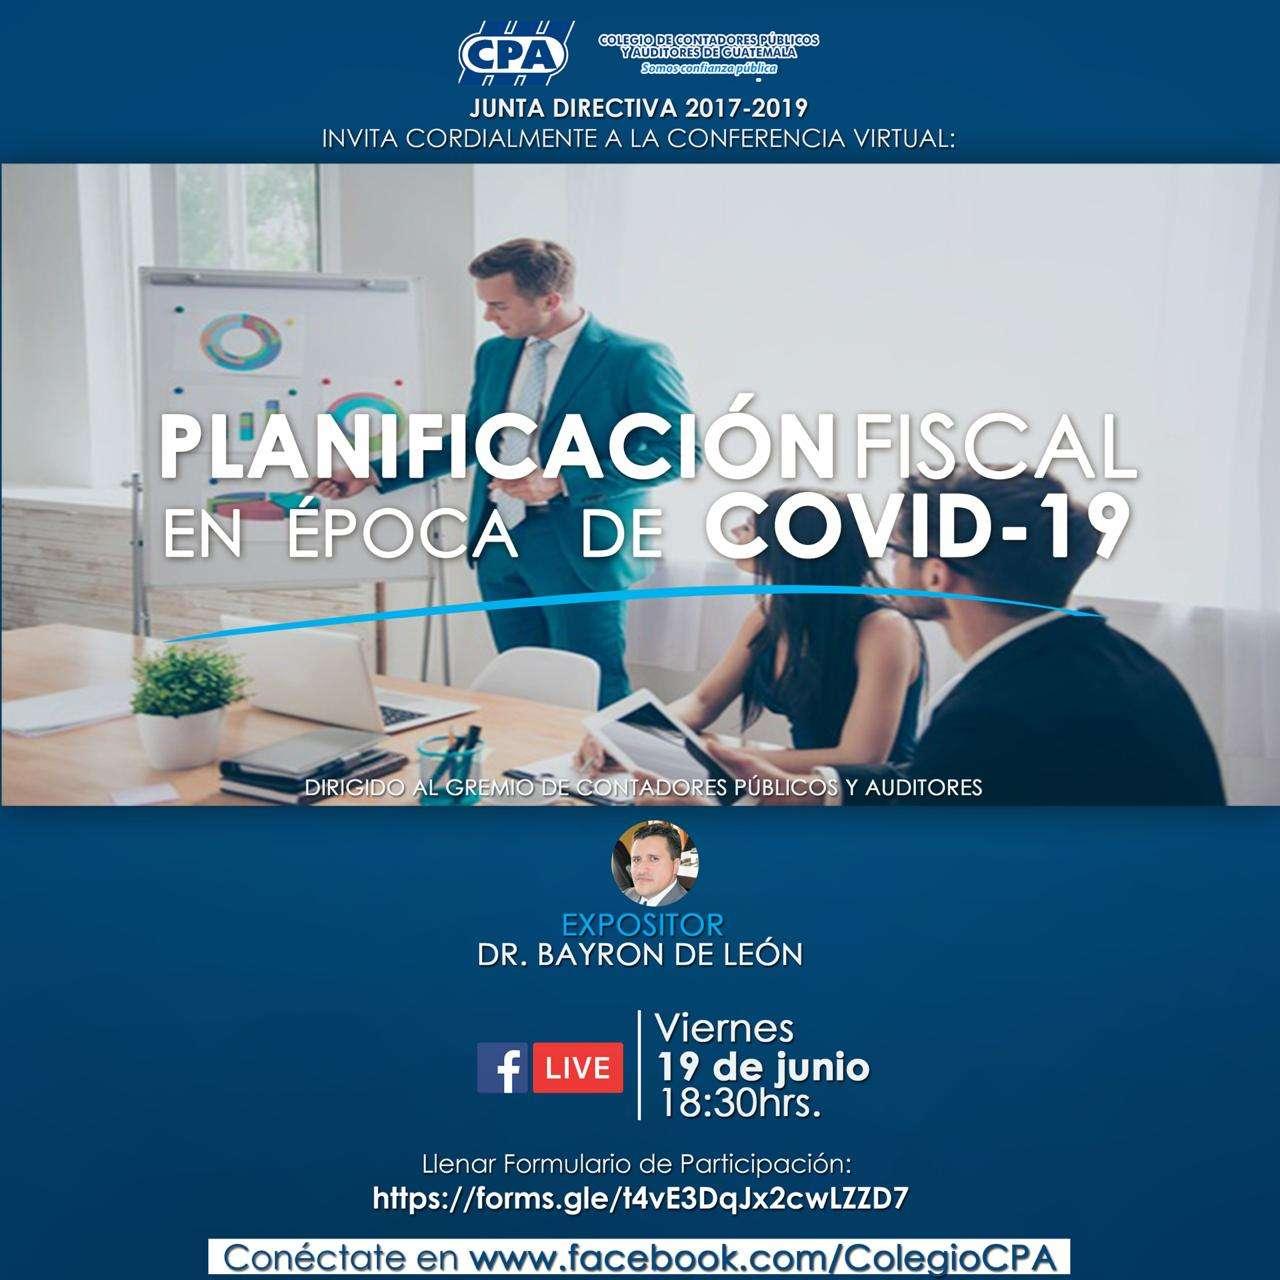 PLANIFICACIÓN FISCAL EN ÉPOCA DE COVID-19 VIERNES 19 DE JUN 20